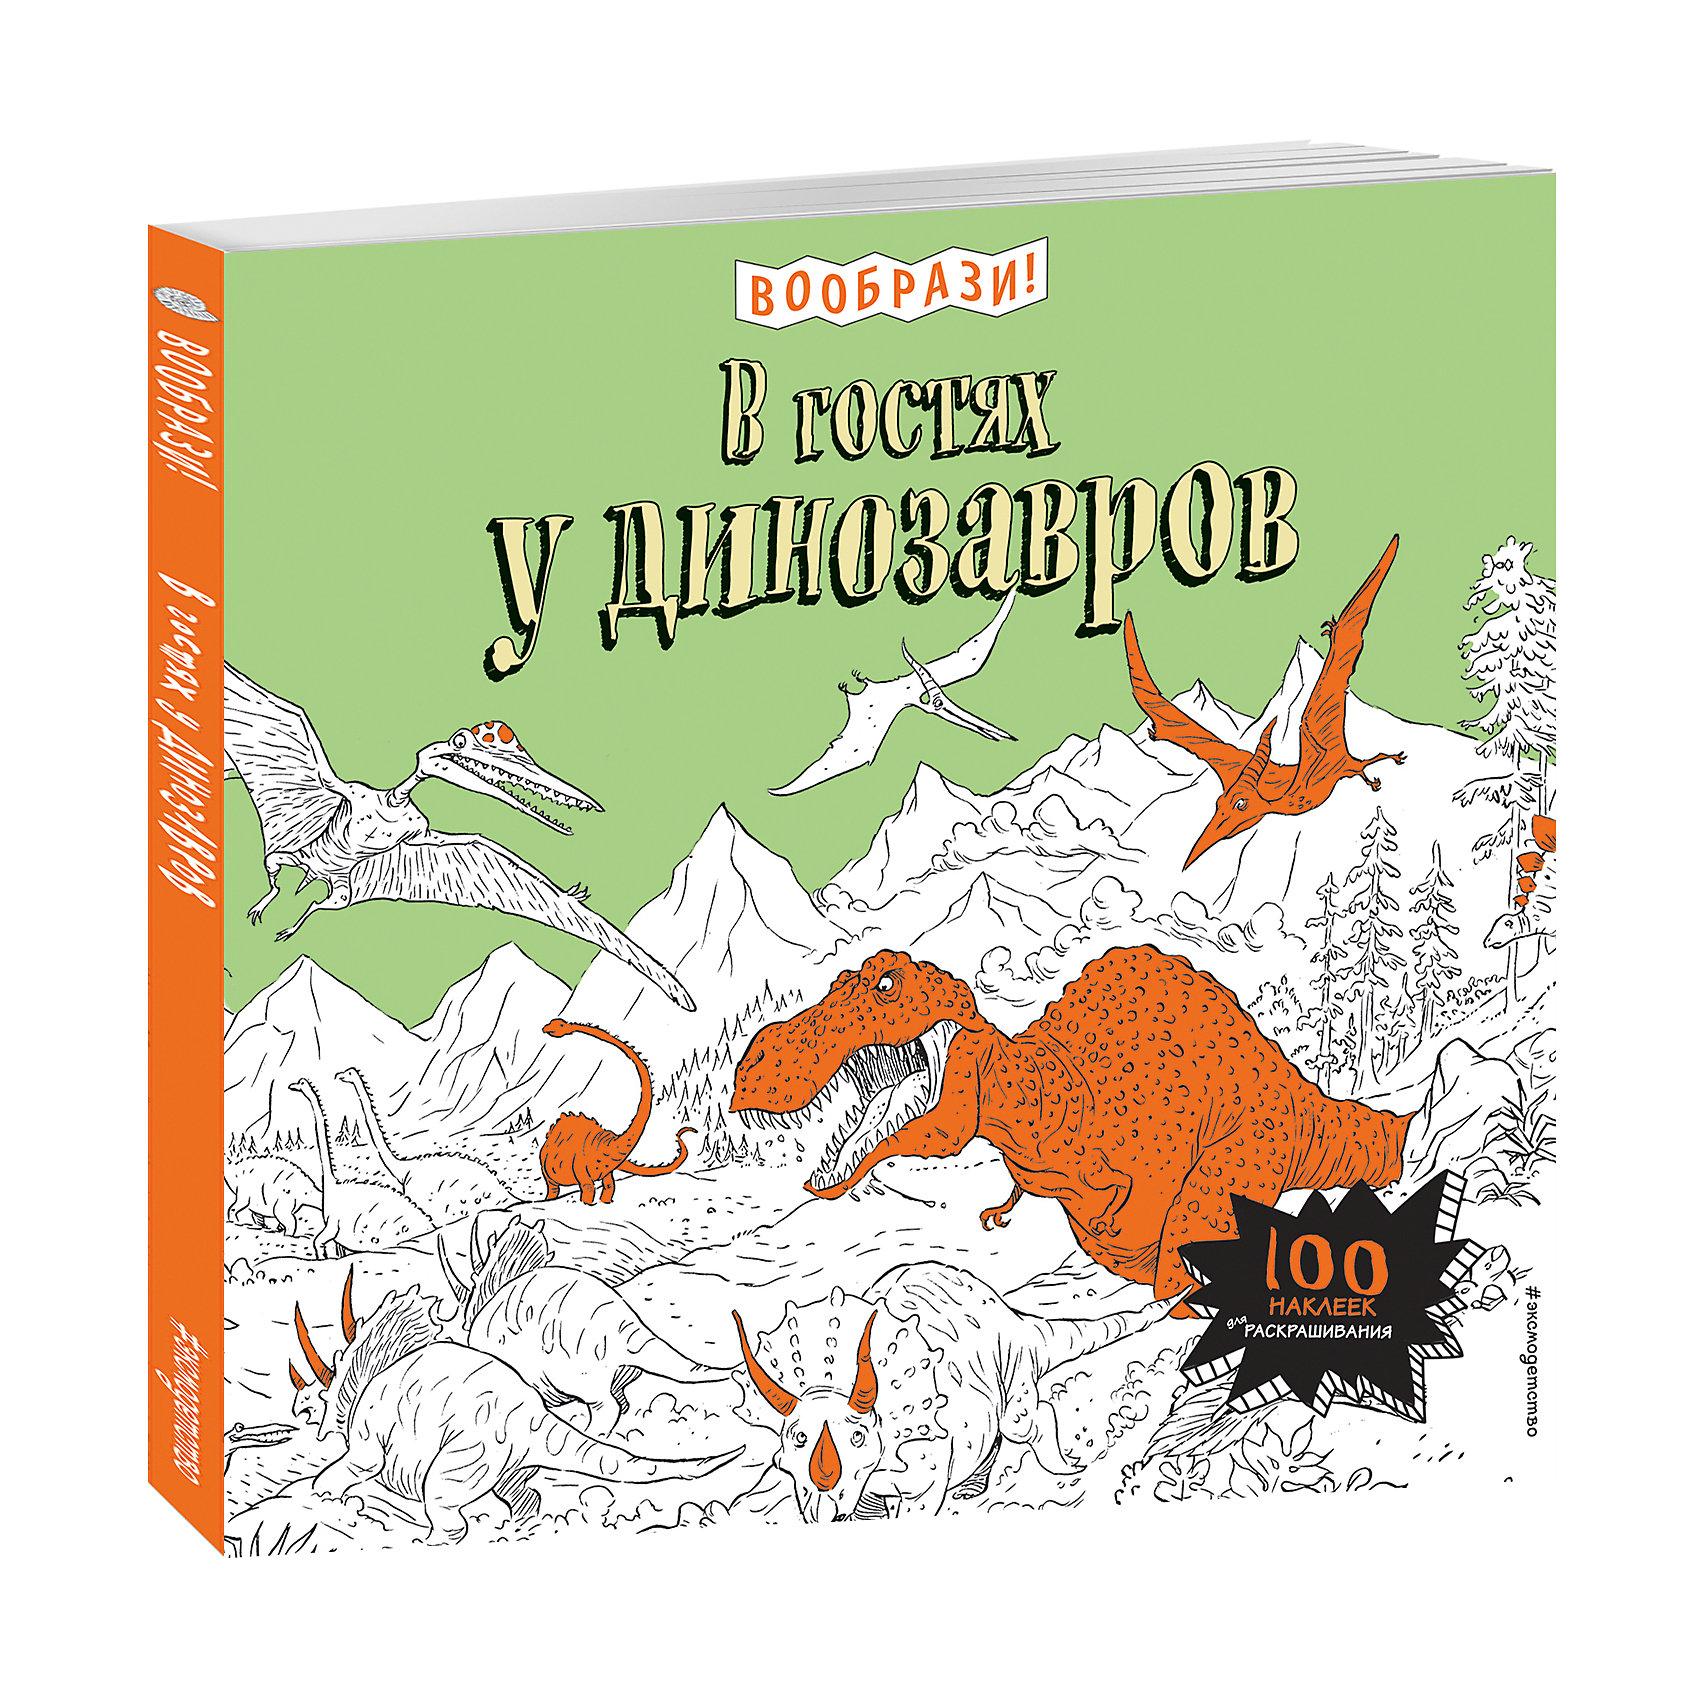 В гостях у динозавров + наклейки для раскрашиванияКниги для развития творческих навыков<br>Мечтаешь совершить путешествие во времени? Не боишься встретиться лицом к лицу с динозаврами, в древности населявшими нашу планету? Доставай ручки, фломастеры, карандаши – масса удивительных открытий ждёт тебя на страницах этого альбома. Добро пожаловать в доисторический мир!<br><br>Ширина мм: 260<br>Глубина мм: 260<br>Высота мм: 50<br>Вес г: 312<br>Возраст от месяцев: 36<br>Возраст до месяцев: 168<br>Пол: Унисекс<br>Возраст: Детский<br>SKU: 5535220